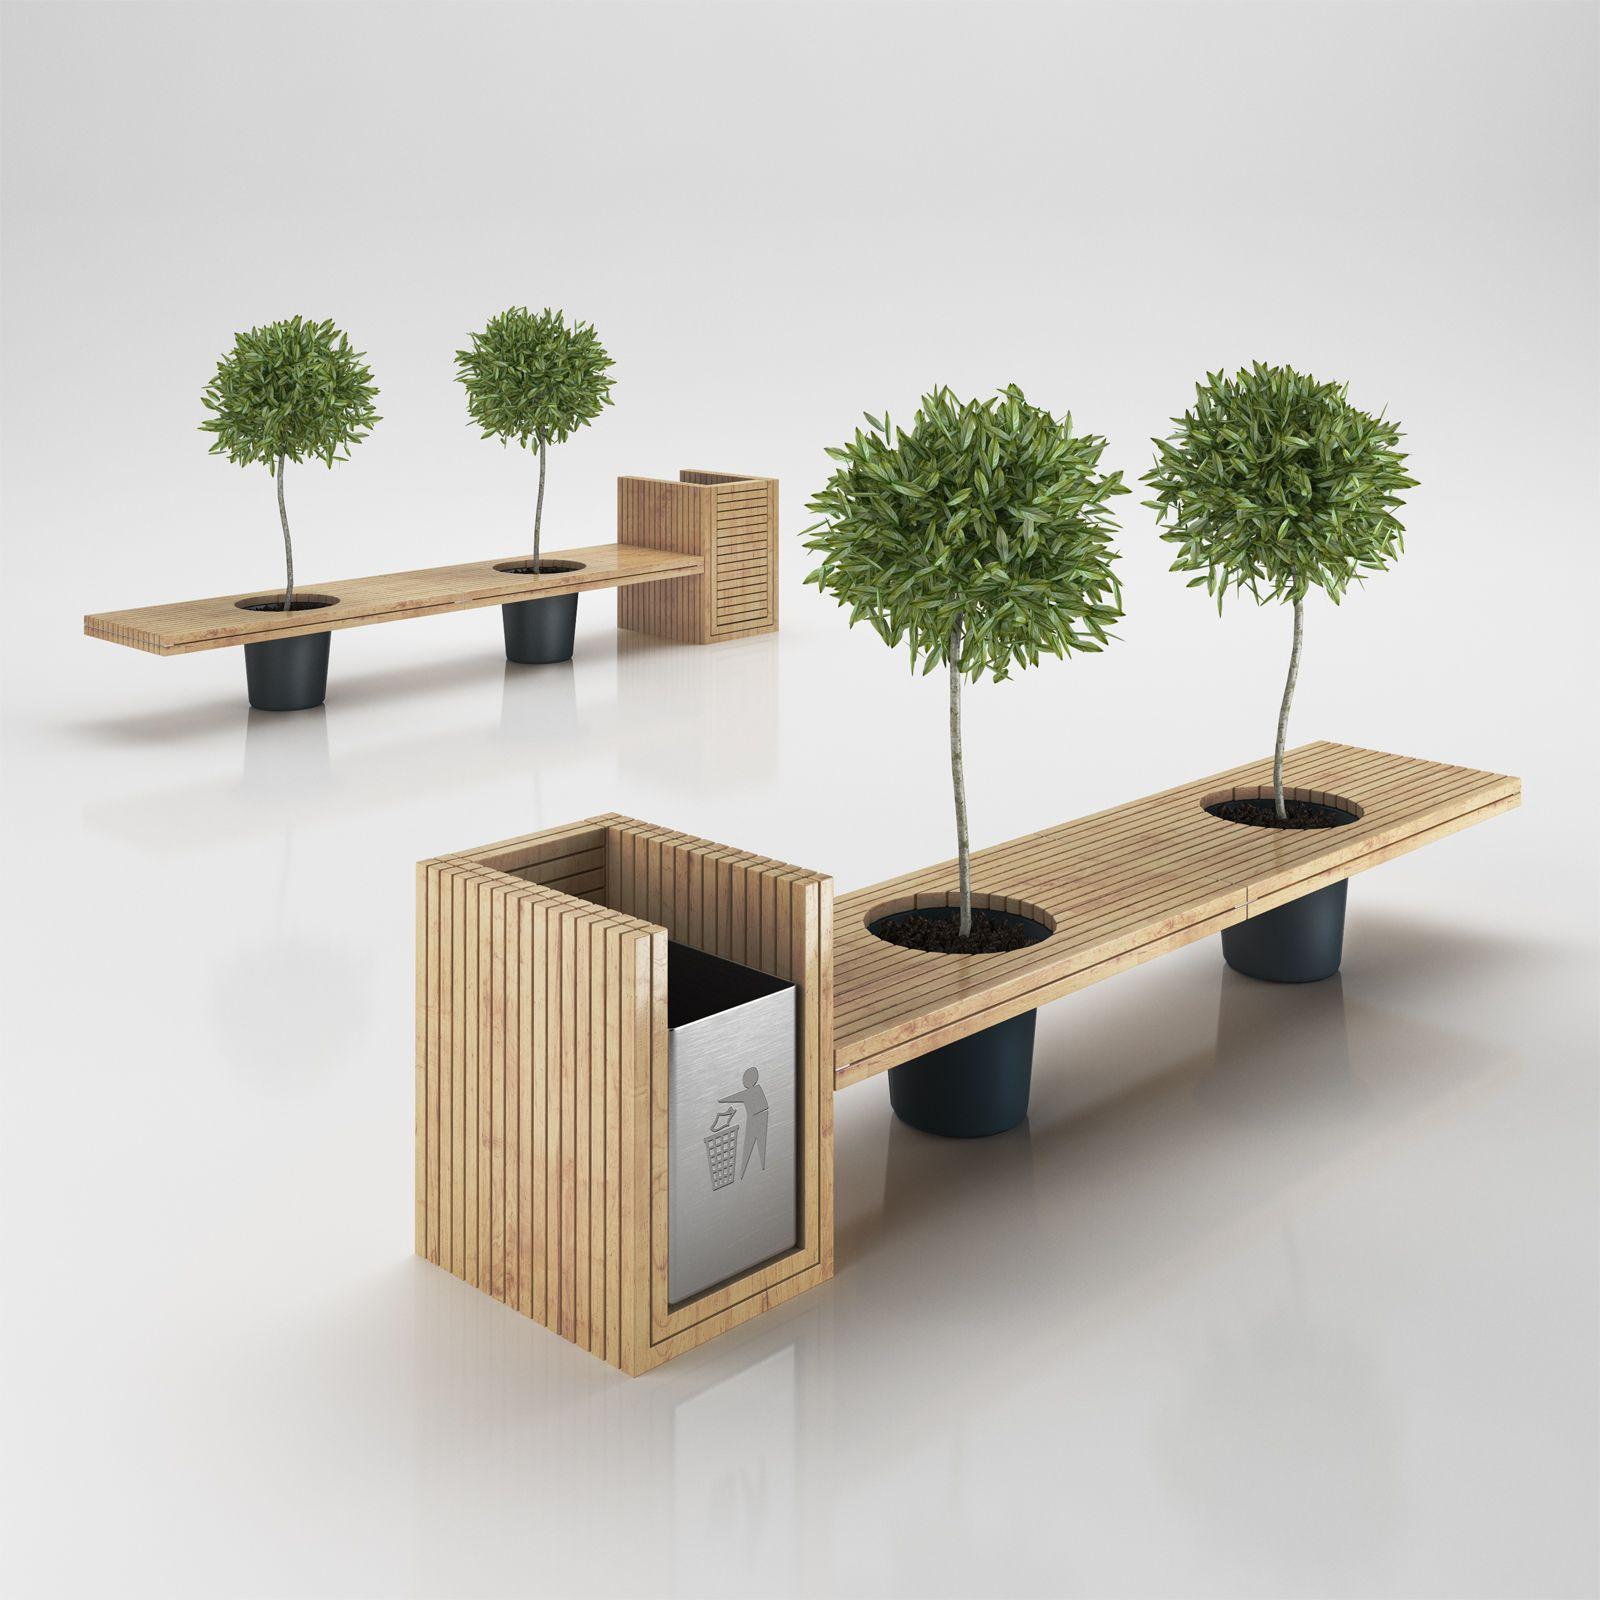 wooden eco design bench with integrated trash bin 3d model d5 pinterest eco design. Black Bedroom Furniture Sets. Home Design Ideas